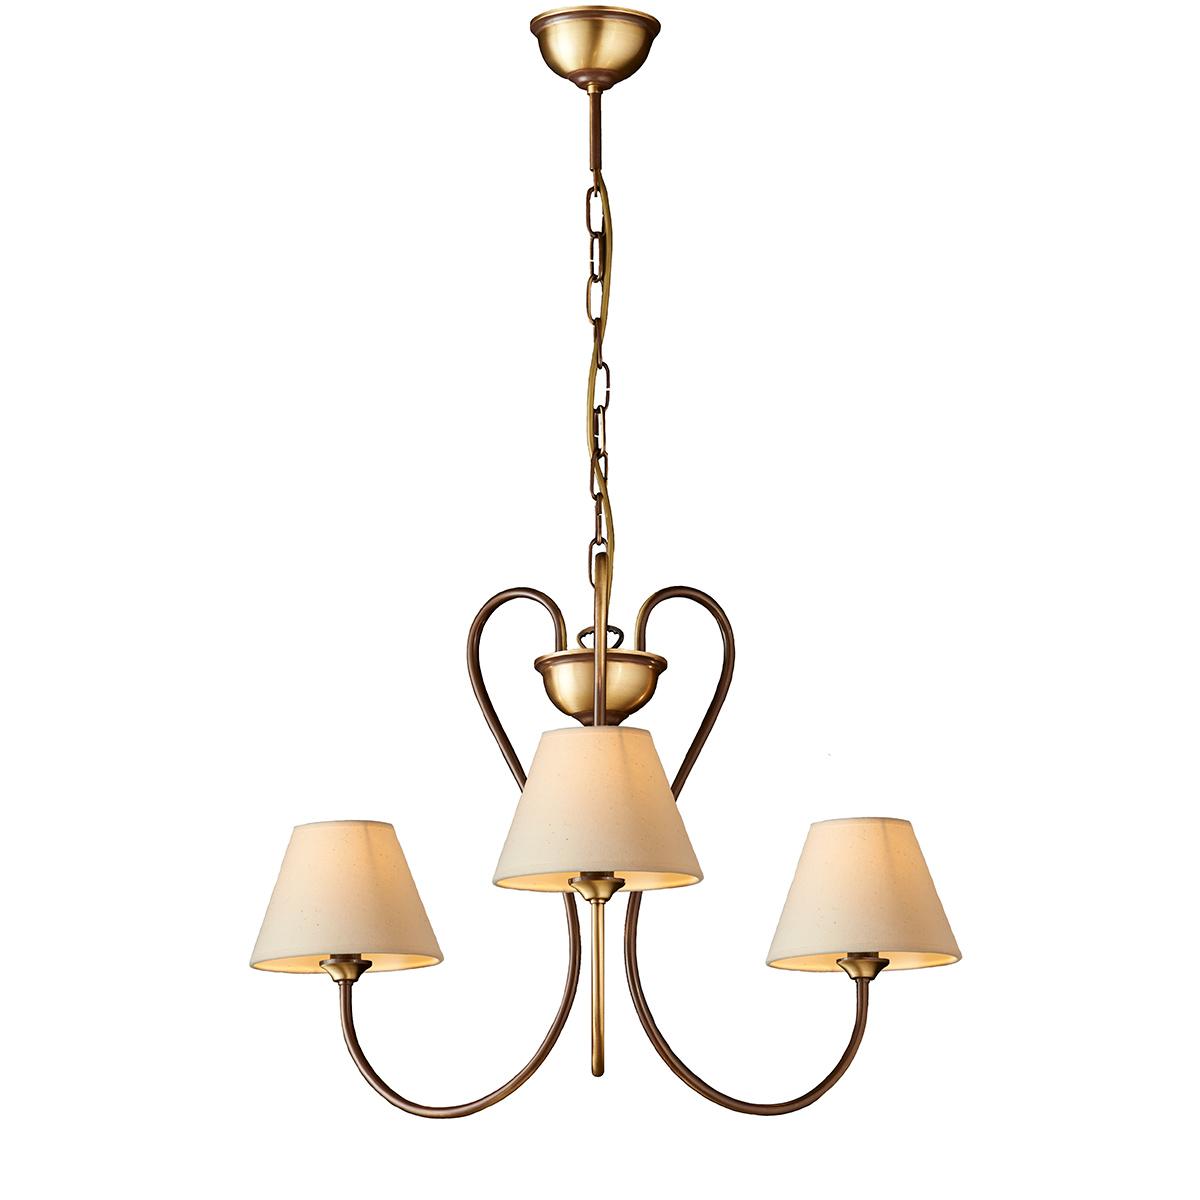 Κλασικό φωτιστικό με καπέλα ΝΑΞΟΣ-1 classic chandelier with lamp shades